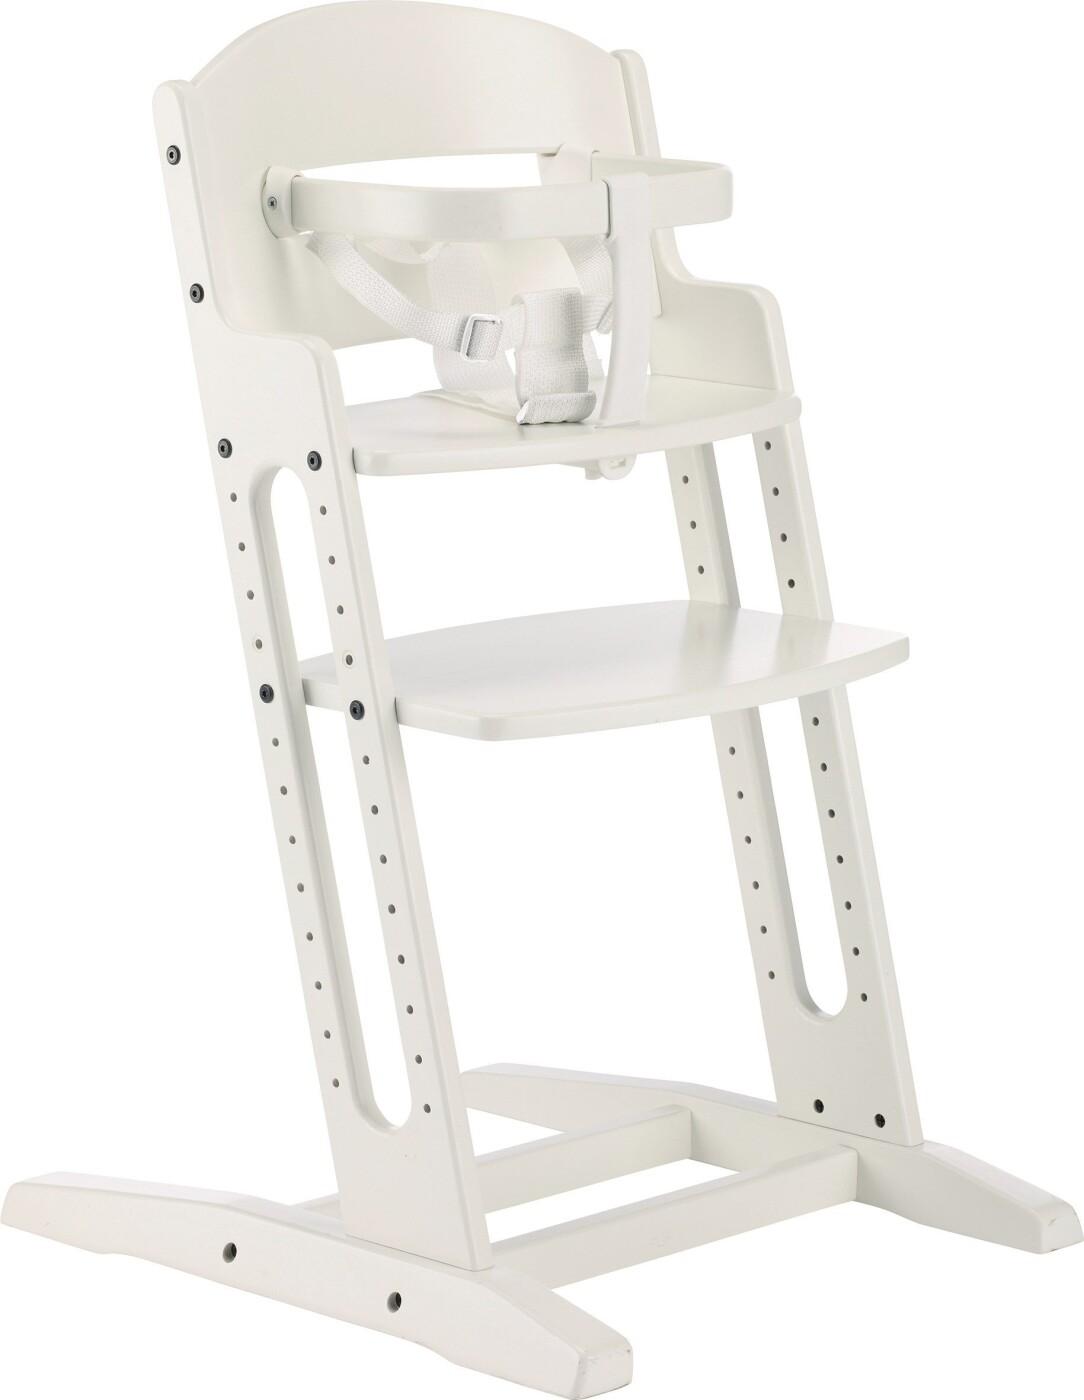 Højmoderne Babydan Danstol - Baby Højstol / Skråstol - Hvid → Køb billigt her CY-31